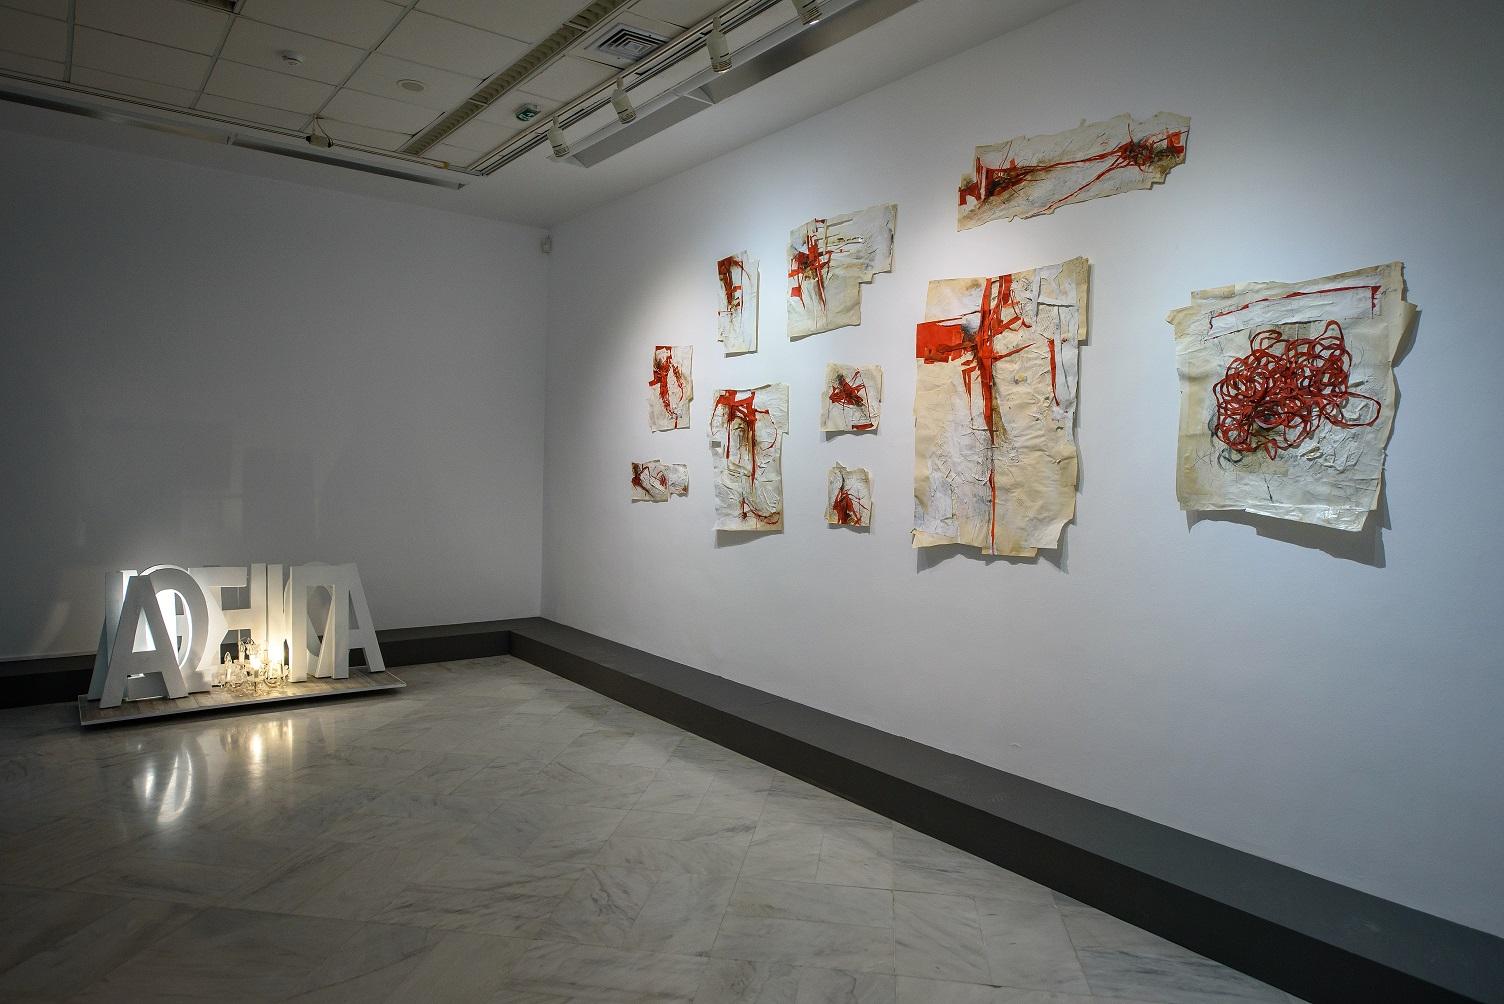 Εγκαινιάζεται η έκθεση «Γόρδιοι Δεσμοί» στη Δημοτική Πινακοθήκη Λάρισας